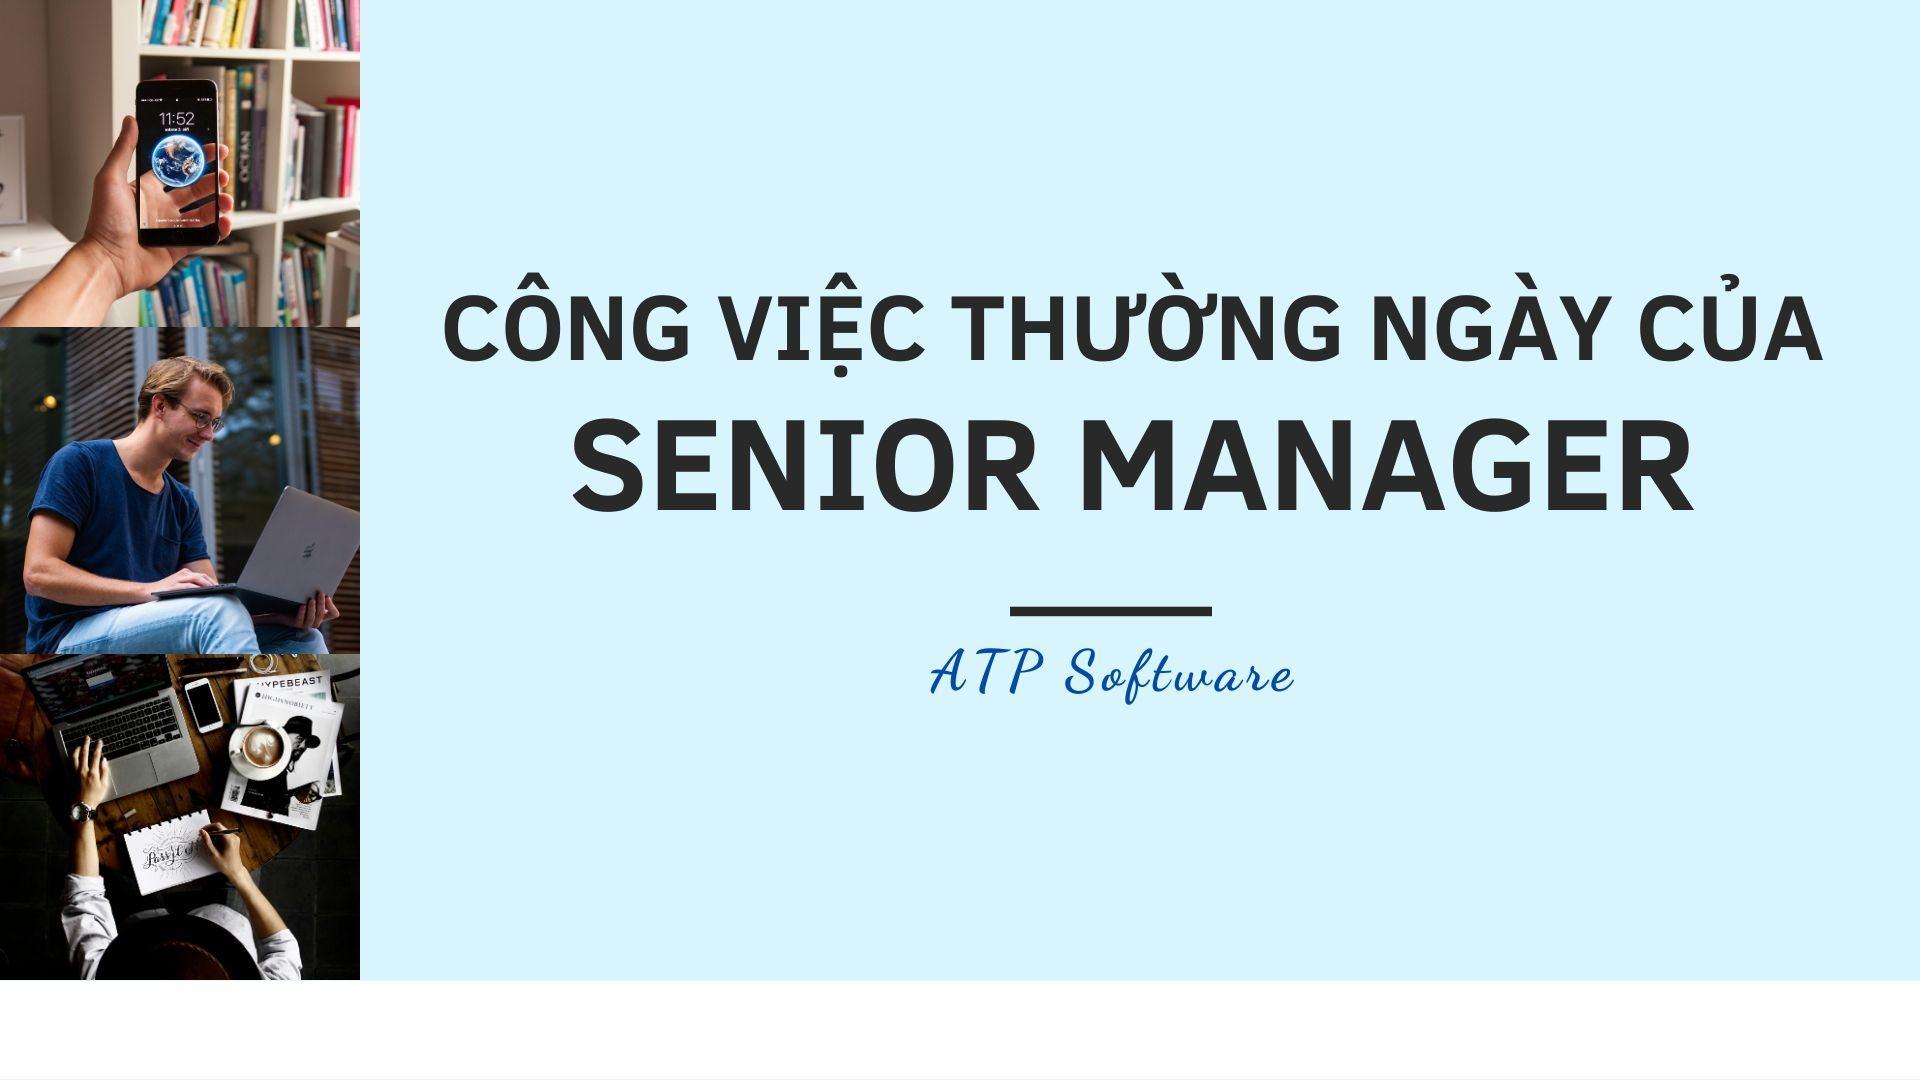 Công việc của Senior Manager